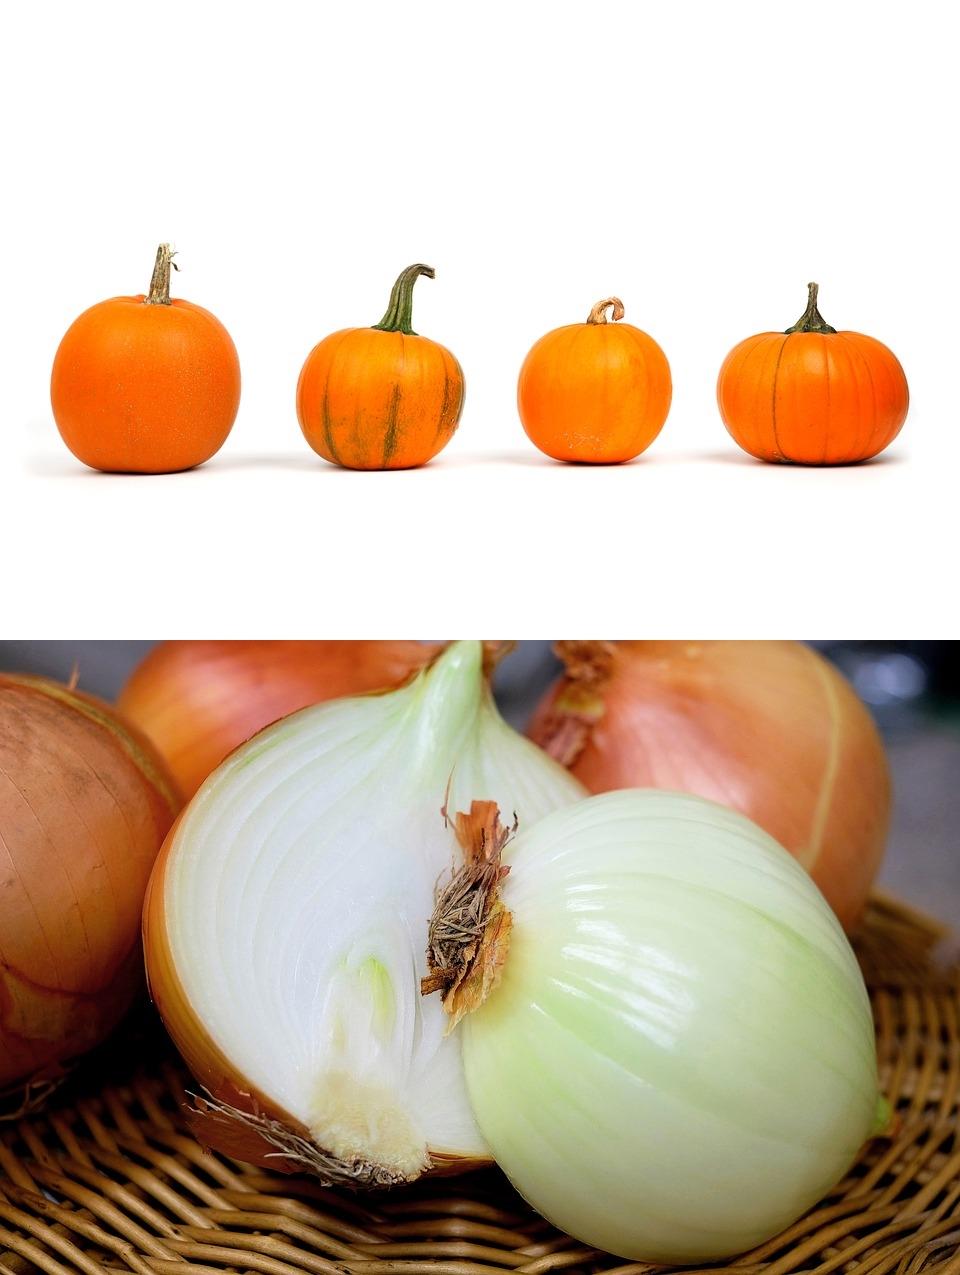 南瓜與洋蔥,南瓜除了可以幫助入眠,還能明目、減肥喔!